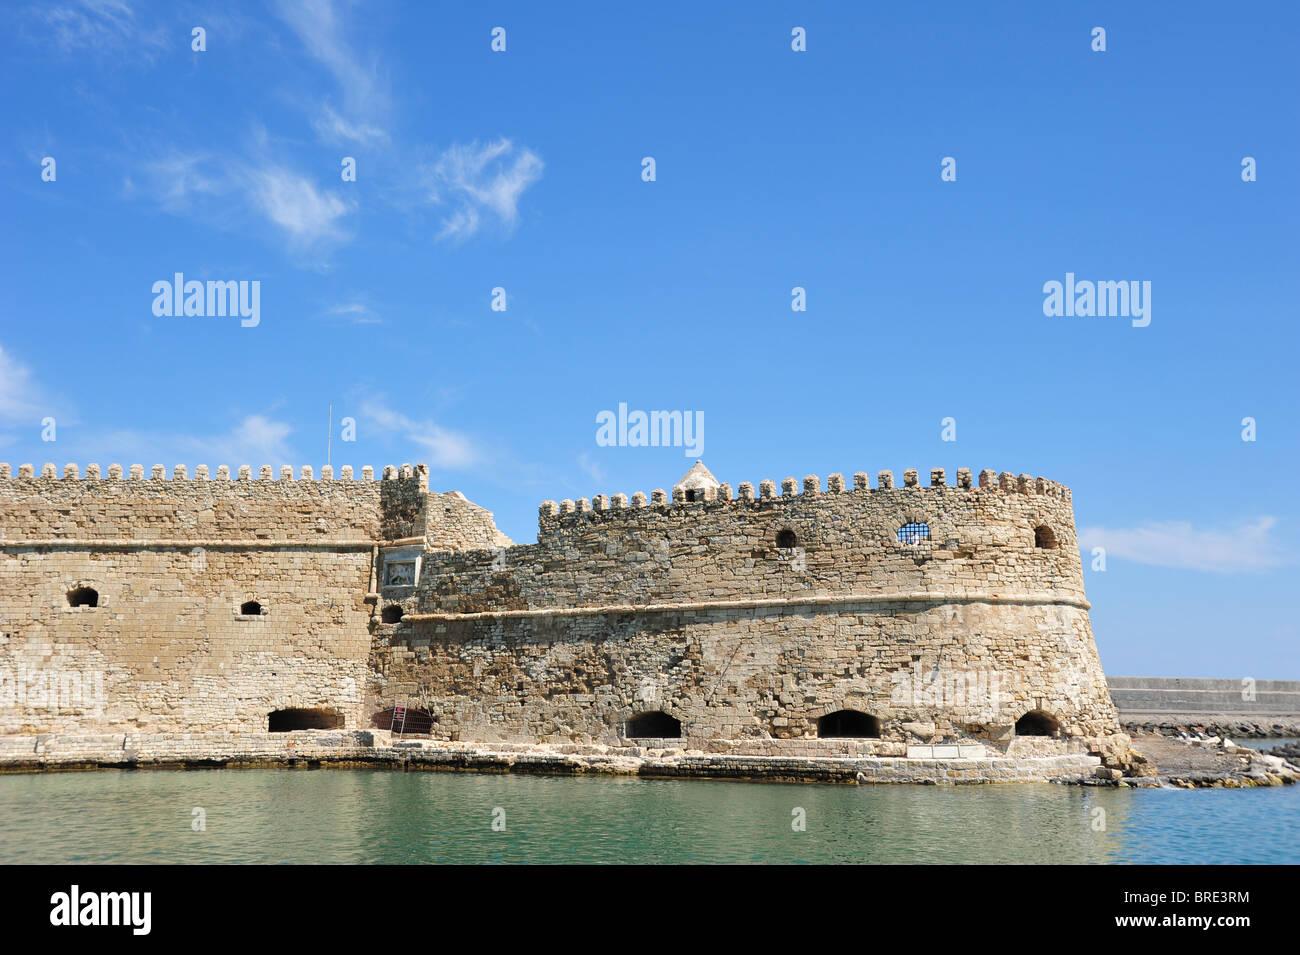 Die restaurierte Festung Koules im alten venezianischen Hafen von Heraklion, Kreta, Griechenland Stockbild